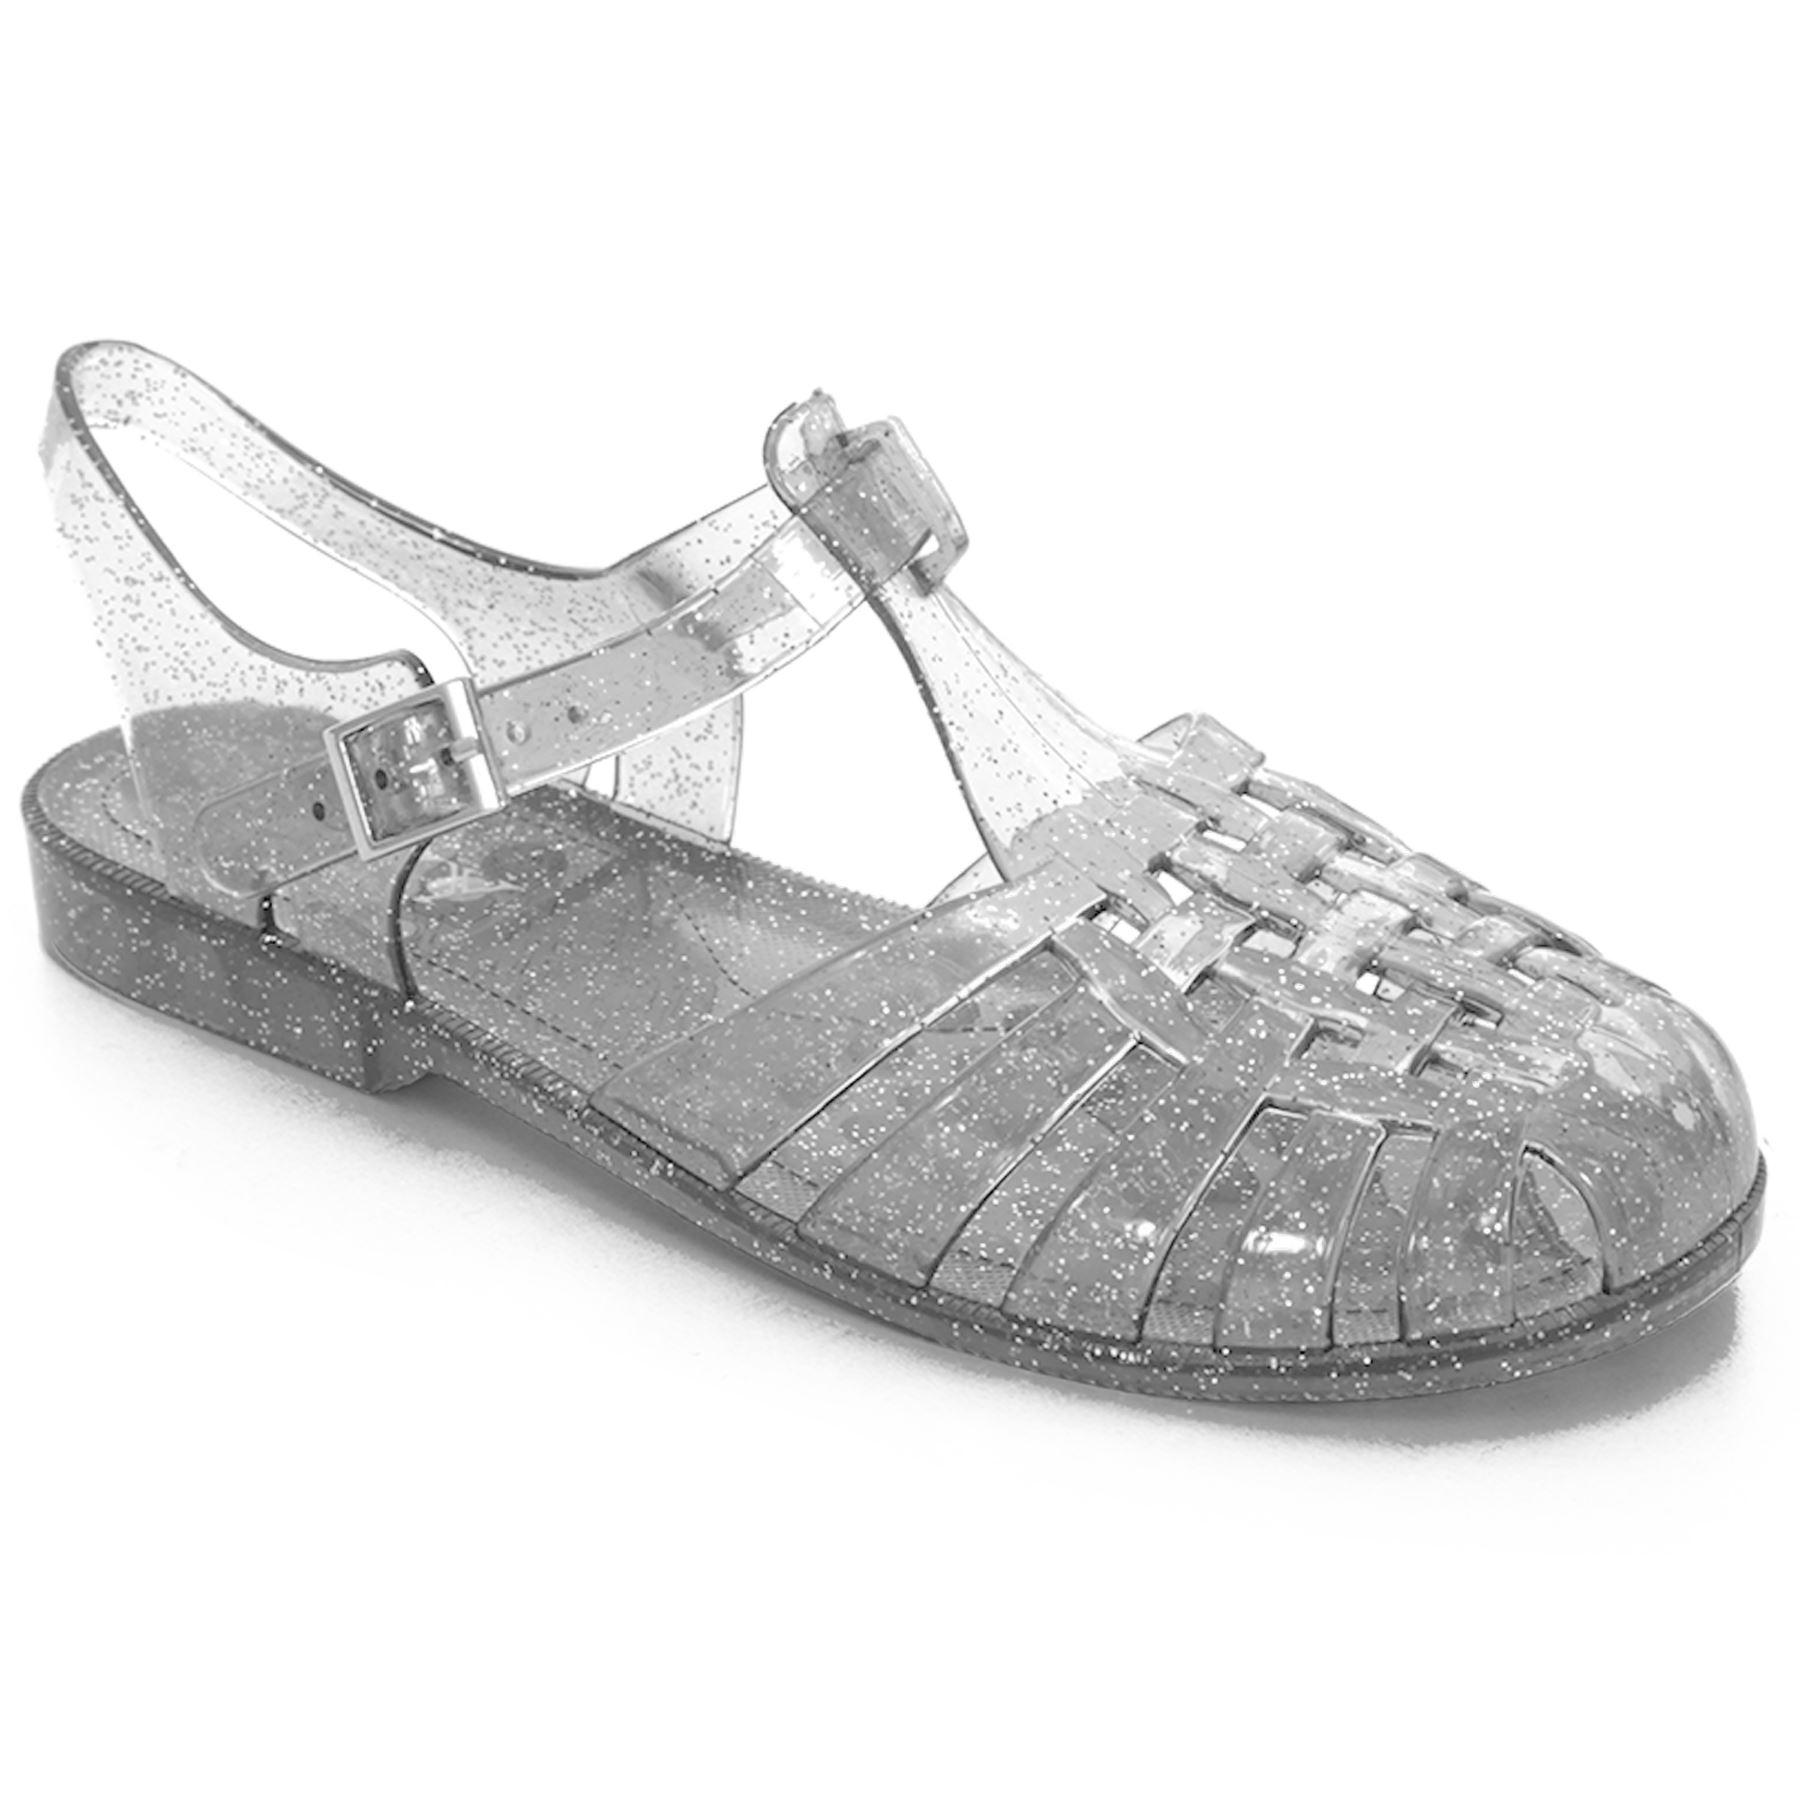 538de721c35a96 Womens Summer Flat Block Heel Plain Glitter Flip Flop Sandals Jelly Shoes